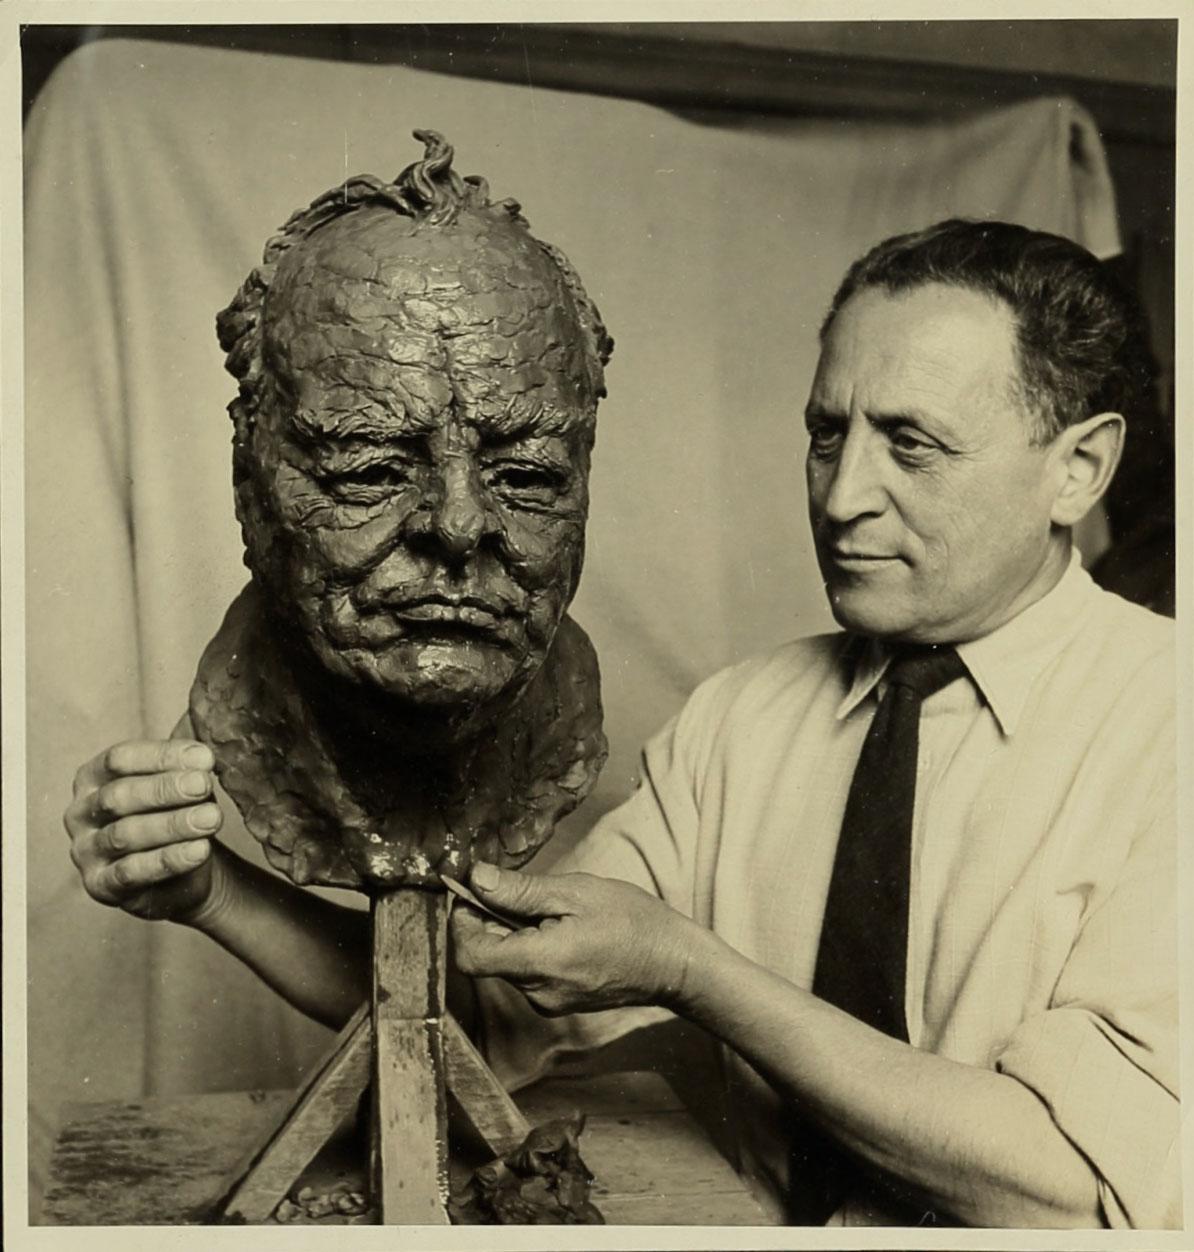 אברהם מלניקוב עם המתווה לפסל דיוקנו של וינסטון צ'רצ'יל, בערך 1941. ארכיון אברהם מלניקוב, ARC. 4* 1956 03 29